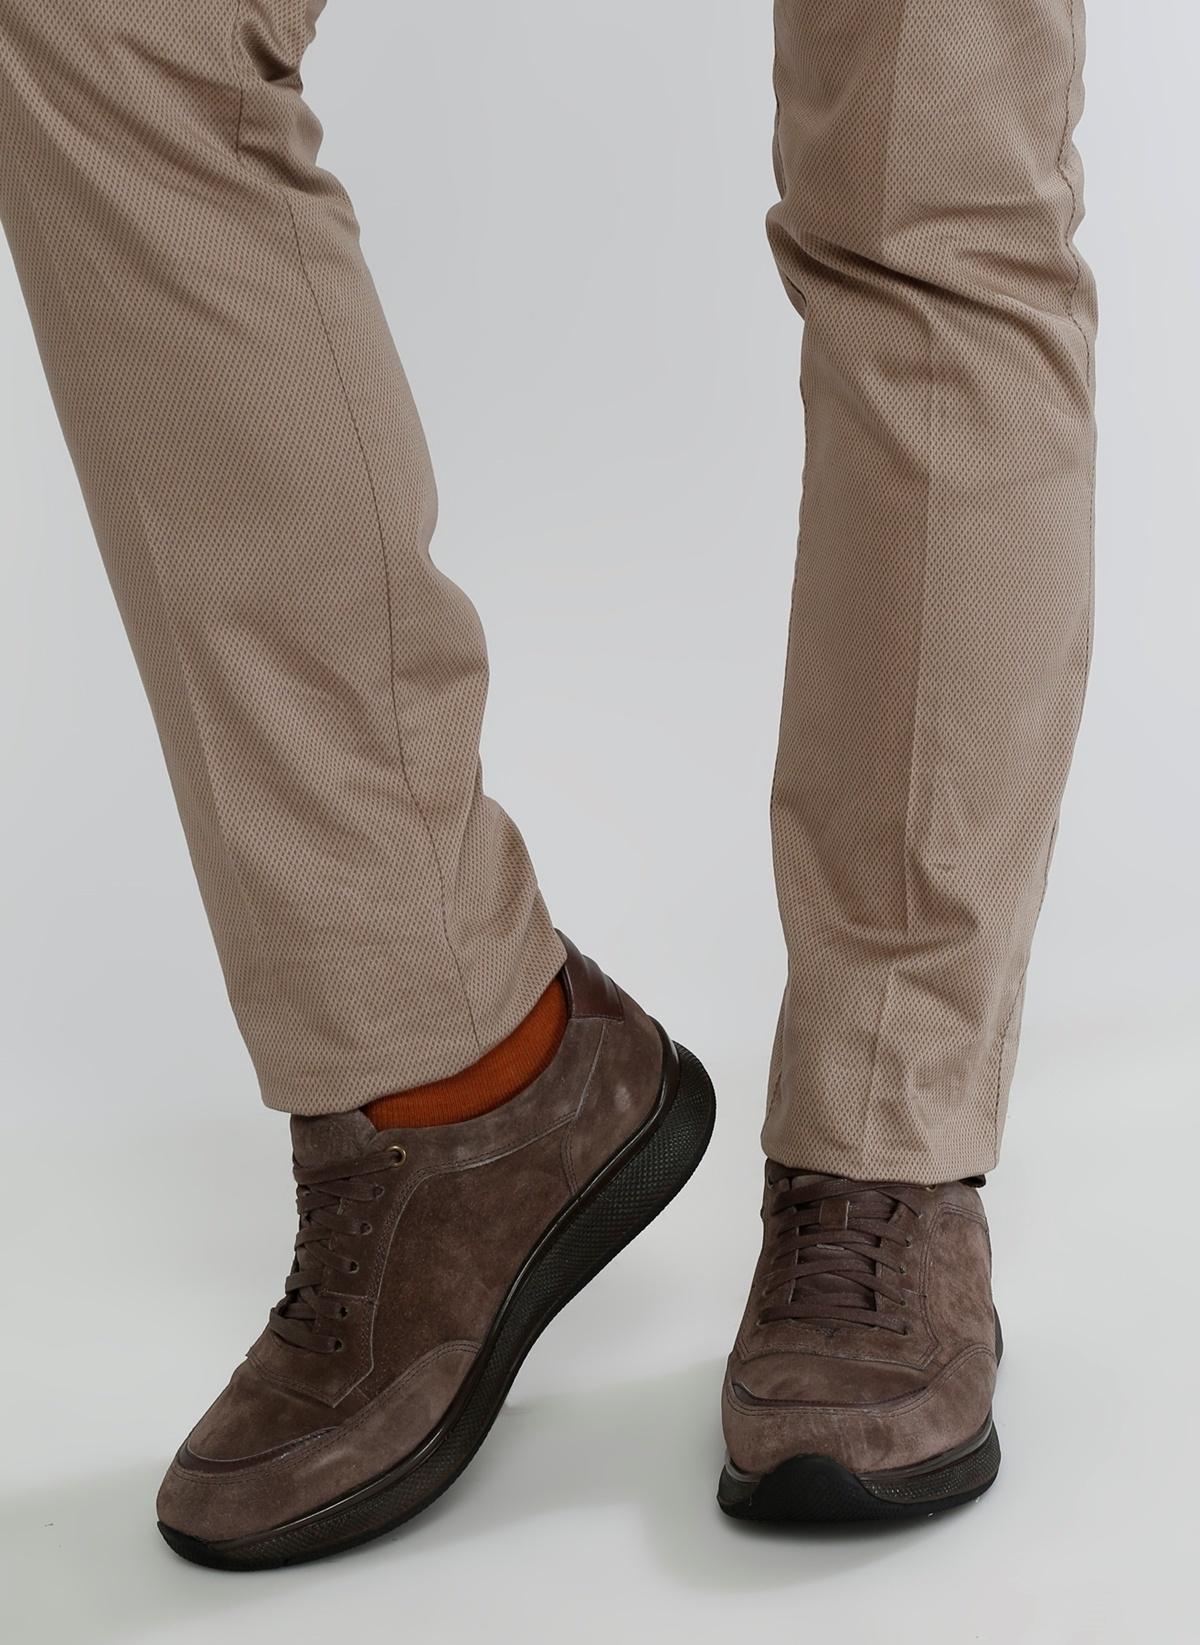 Fabrika Sneakers 28-benıto Fabrika Koşu Ayakkabısı – 559.99 TL